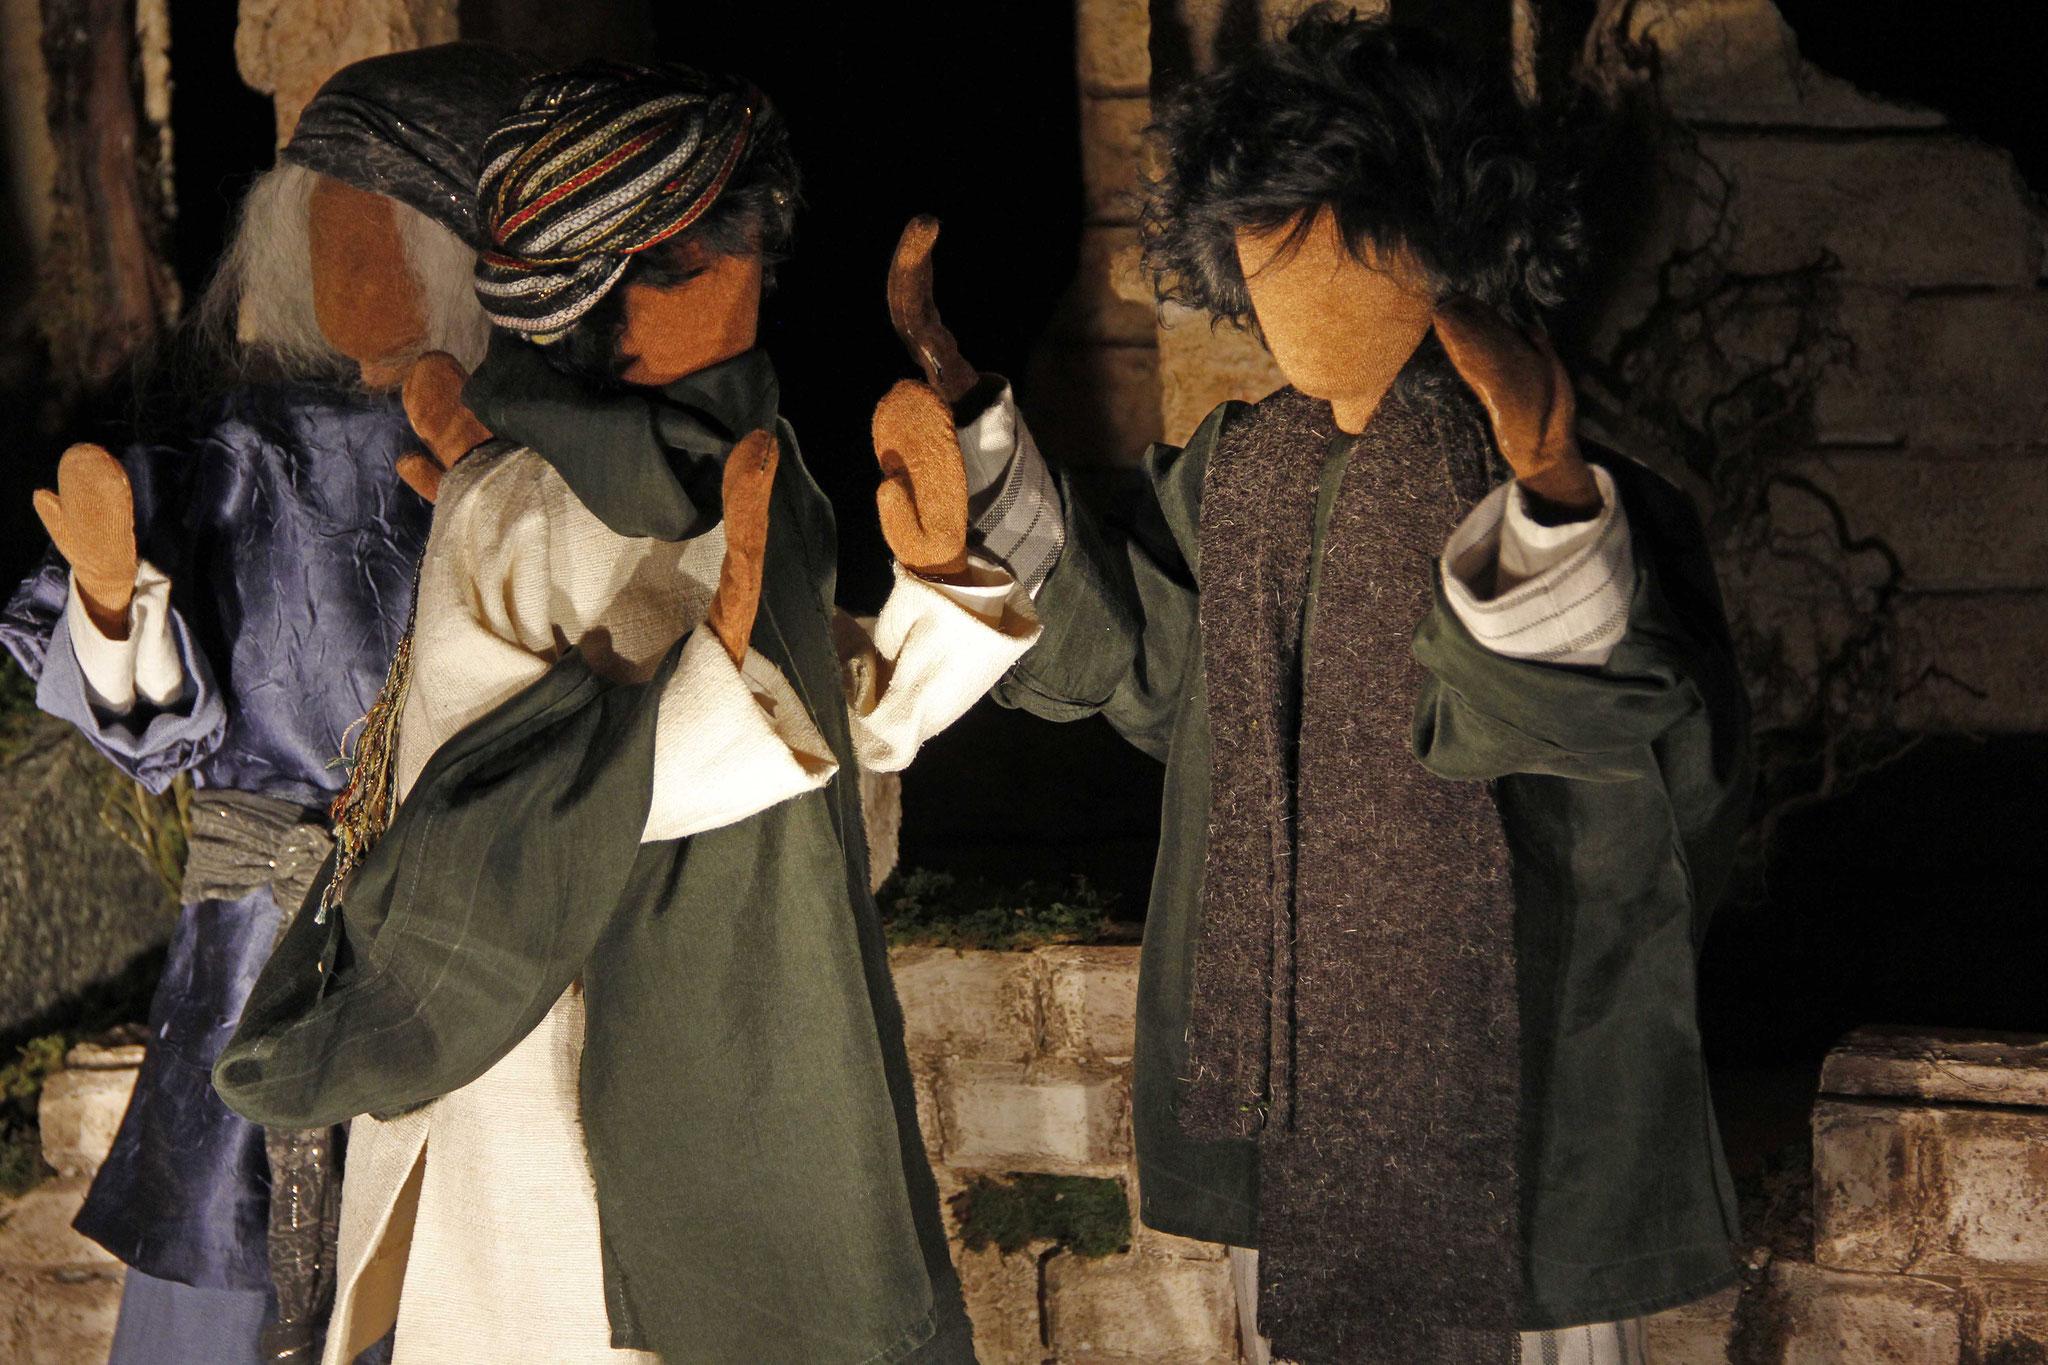 Er antwortete: Der Mann, der Jesus heisst, machte einen Teig, bestrich damit meine Augen.